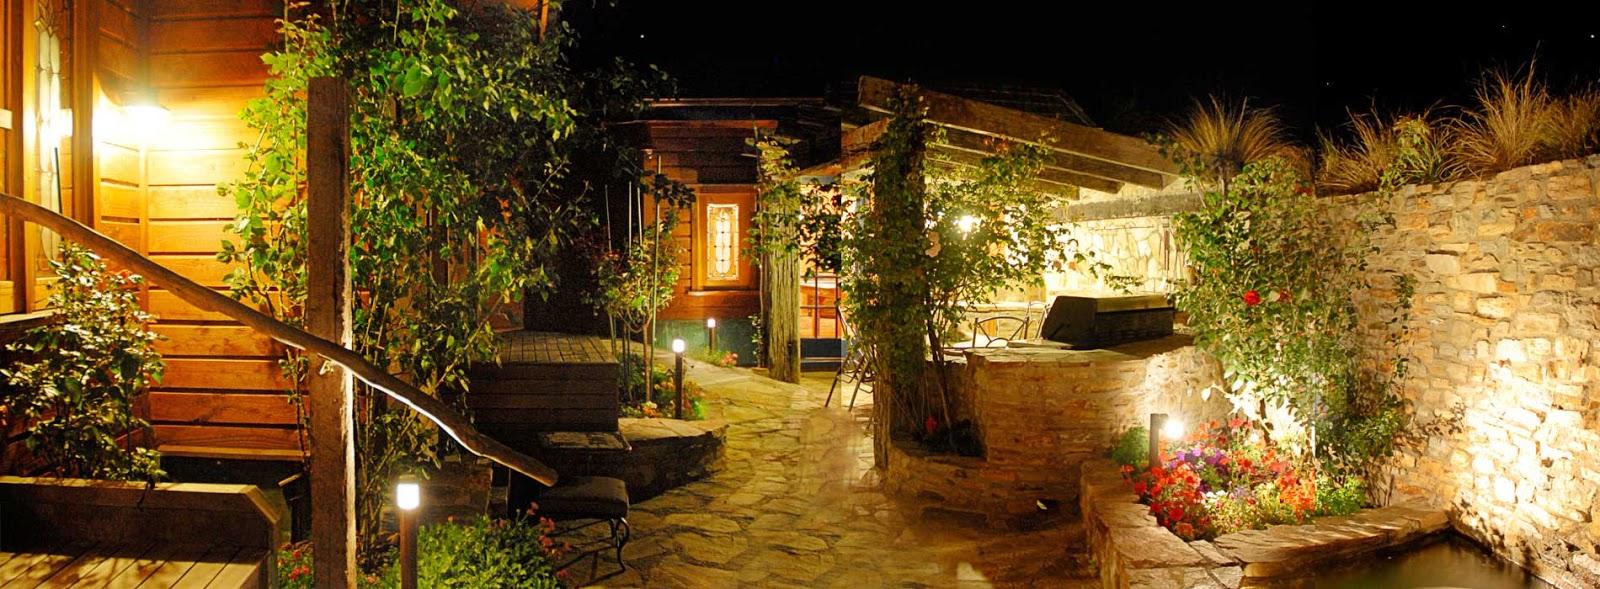 Instalaciones el ctricas residenciales luces de patio for Luces colgantes para jardin